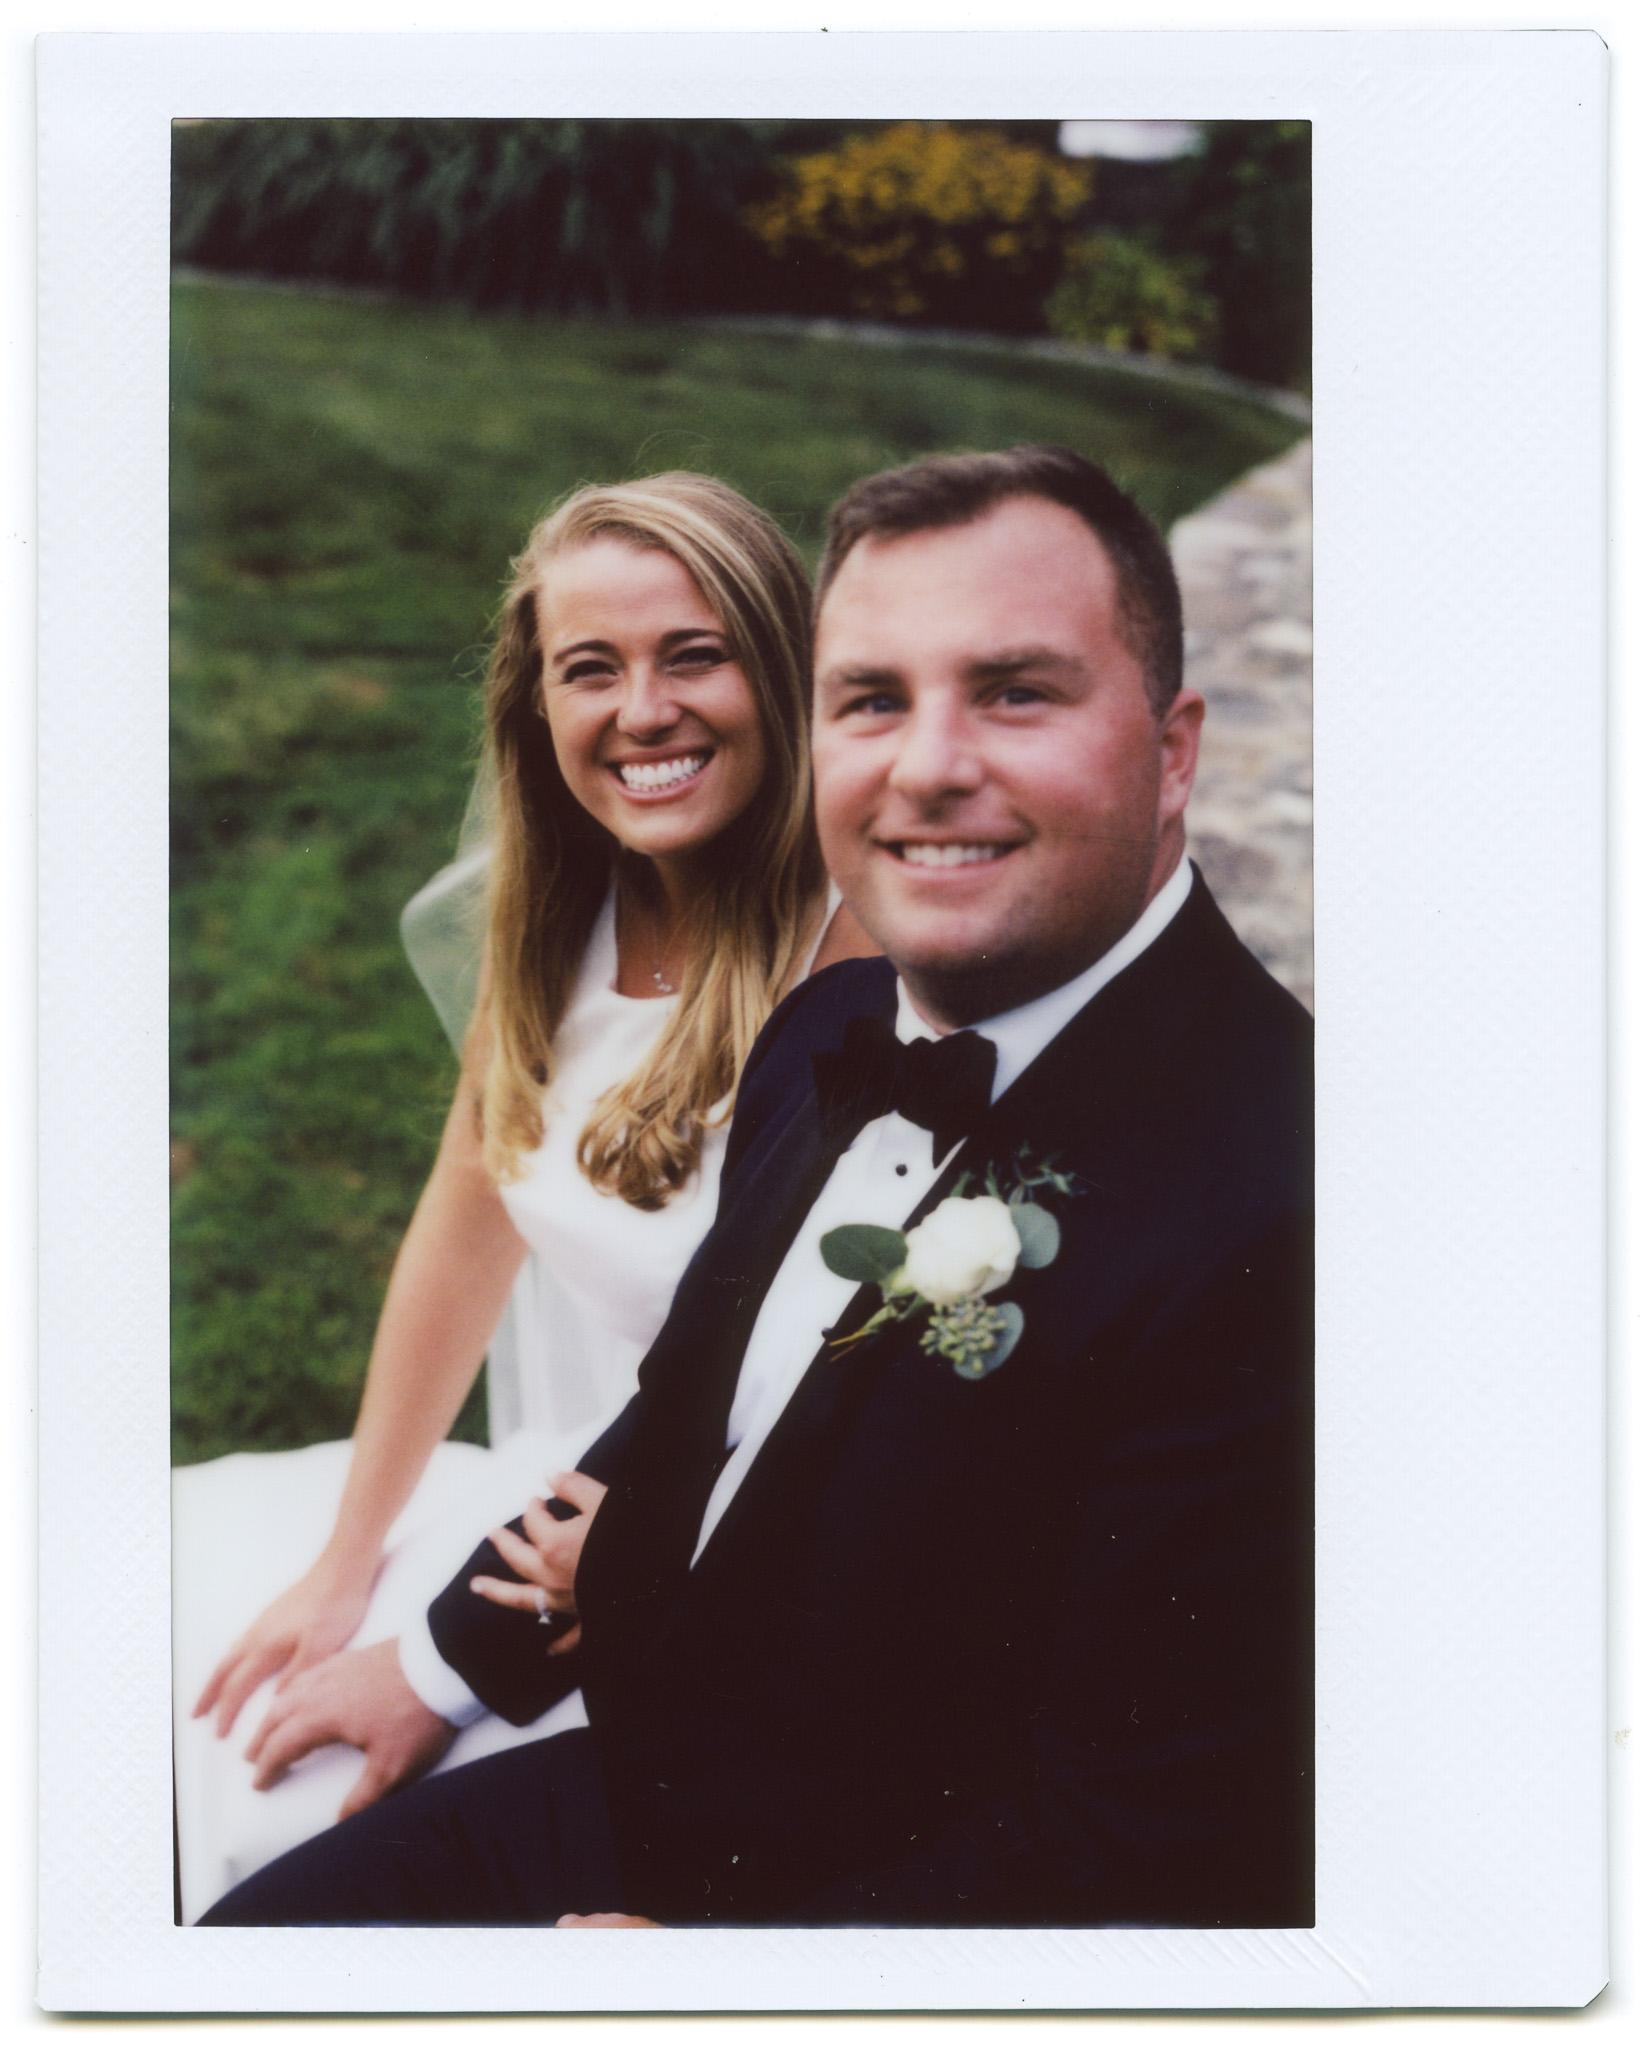 Brittany & AJ wedding POLAROID - 01.jpg